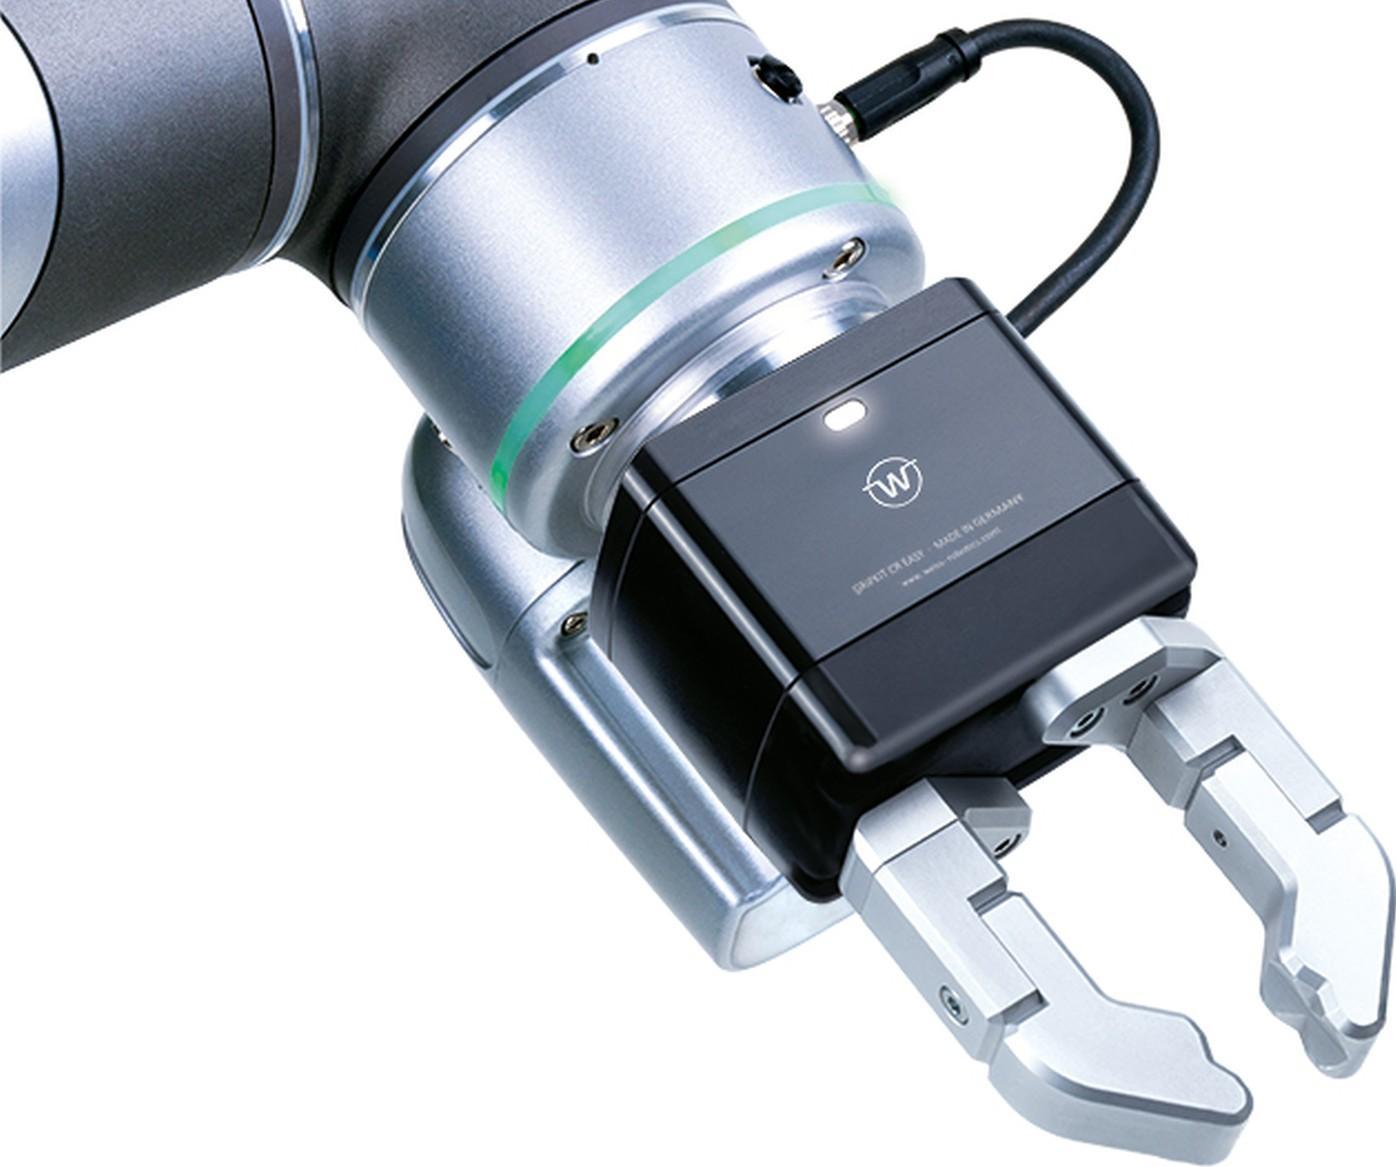 Mit CR Easy erweitert Weiss Robotics seine Gripkits um eine leistungsfähige Greiflösung für Cobots, die den Einstieg in die kollaborative Greiftechnik maßgeblich vereinfacht.